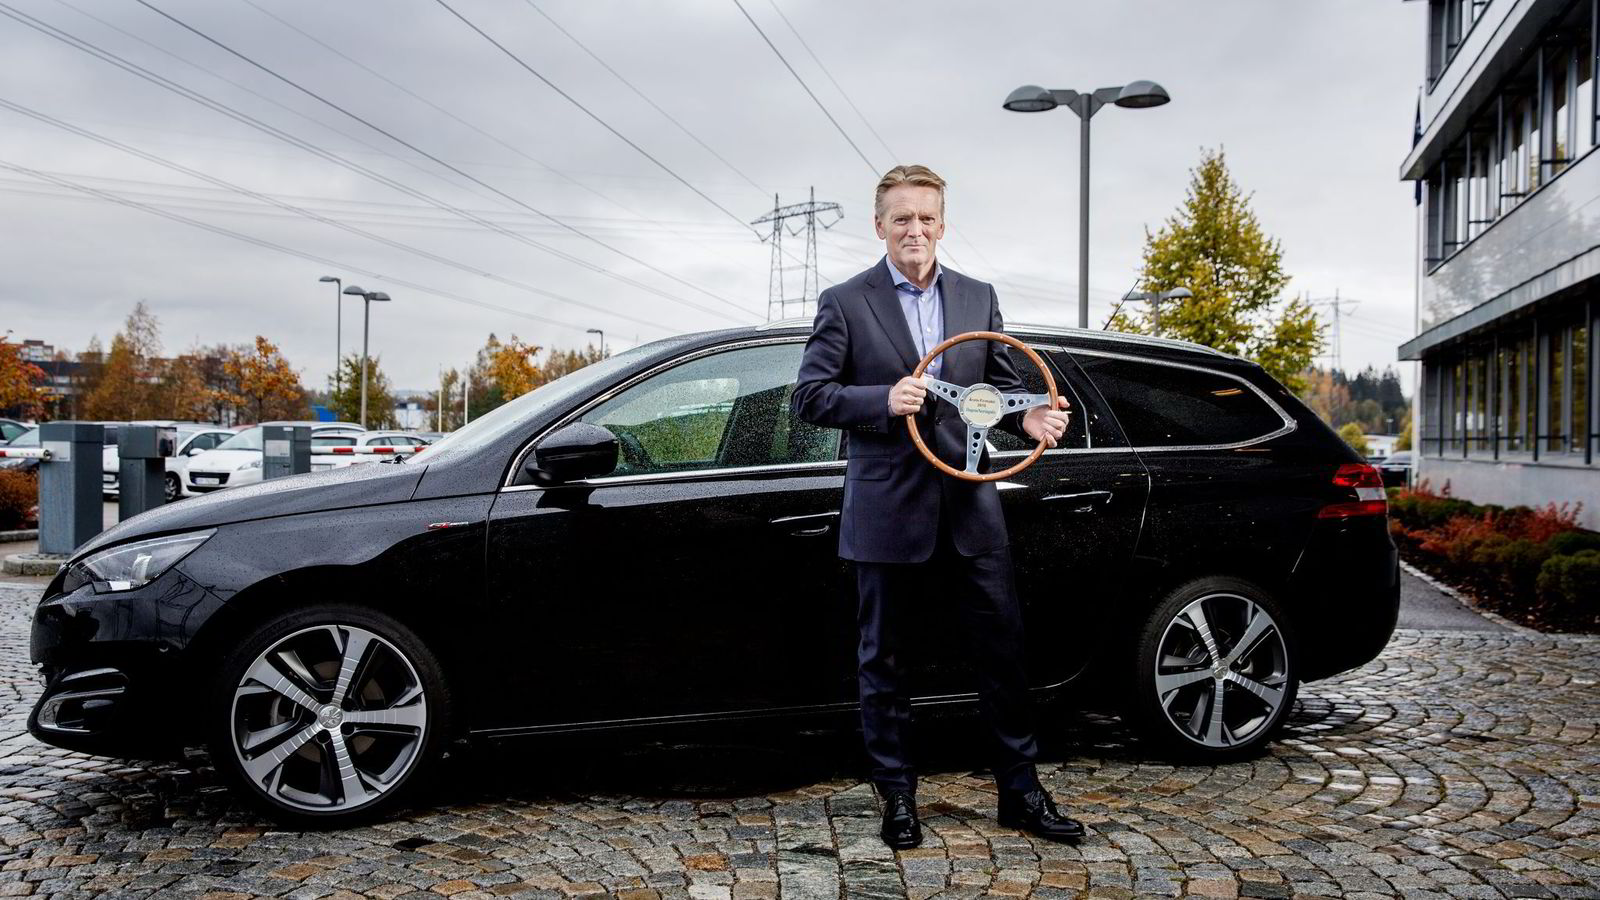 Konsernsjef Bjørn Maarud i Bertel O. Steen kan se tilbake på et godt år for selskapet. Høsten 2015 vant Peugeot 308 DNs kåring av Årets firmabil. Foto: Fredrik Bjerknes